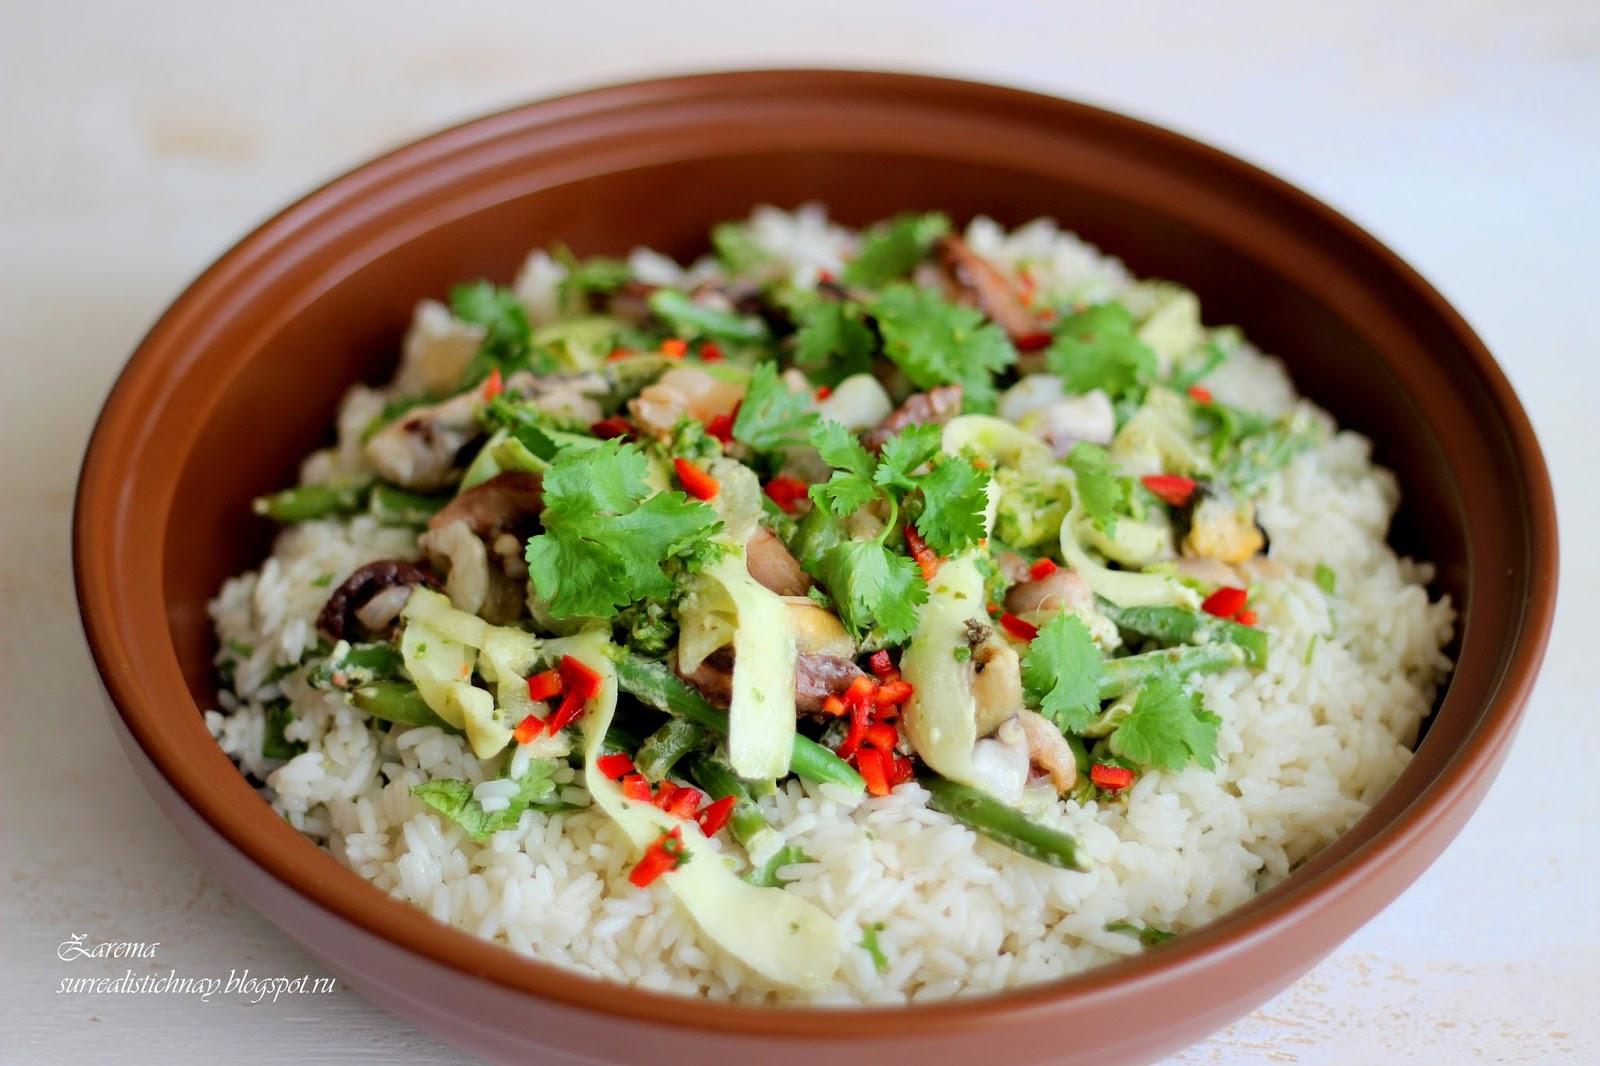 Индийская кухня 91 рецепт  фото рецепты  ГотовимРУ